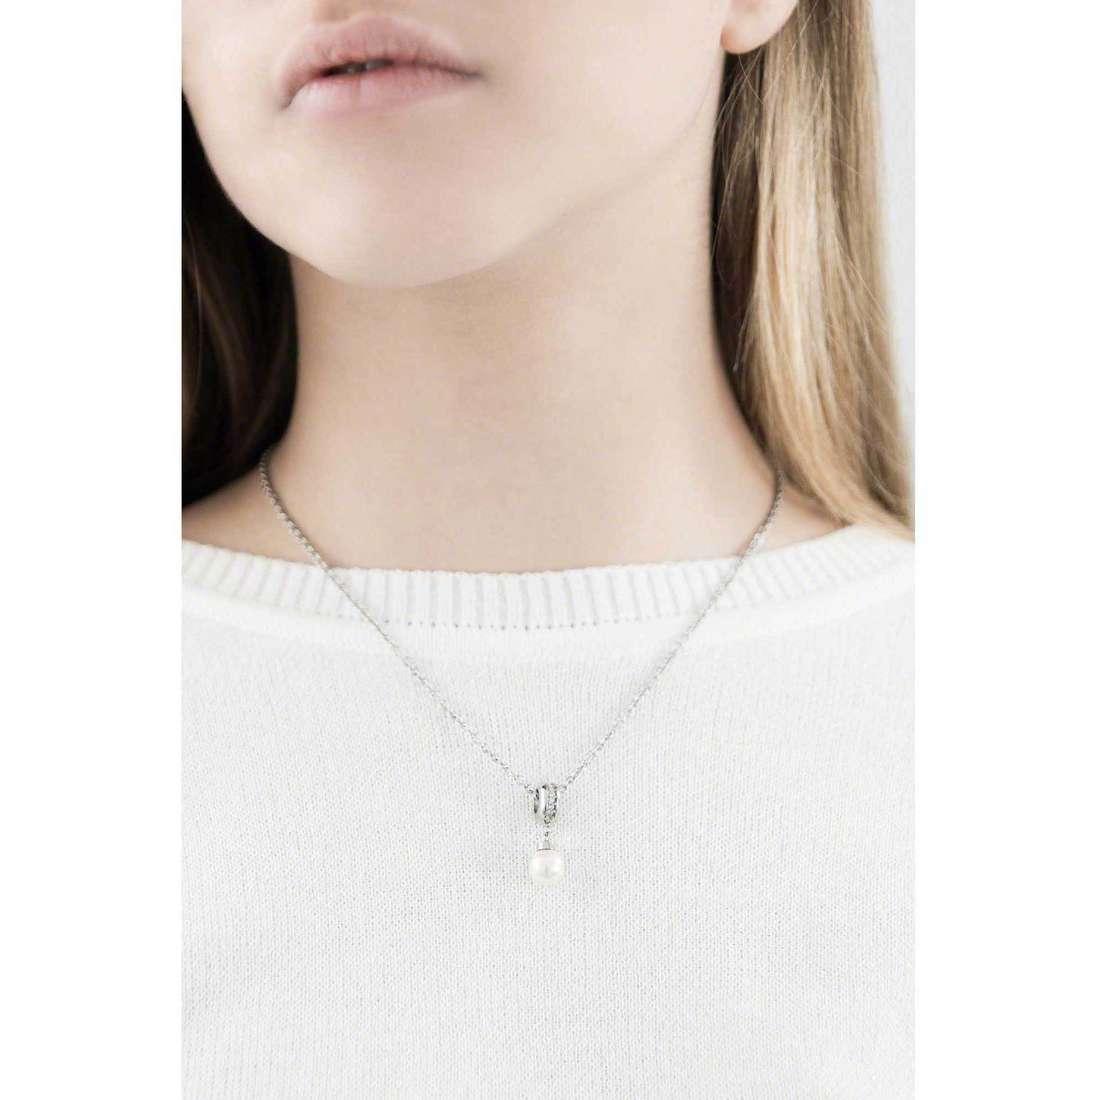 Morellato colliers Drops femme SCZW6 indosso